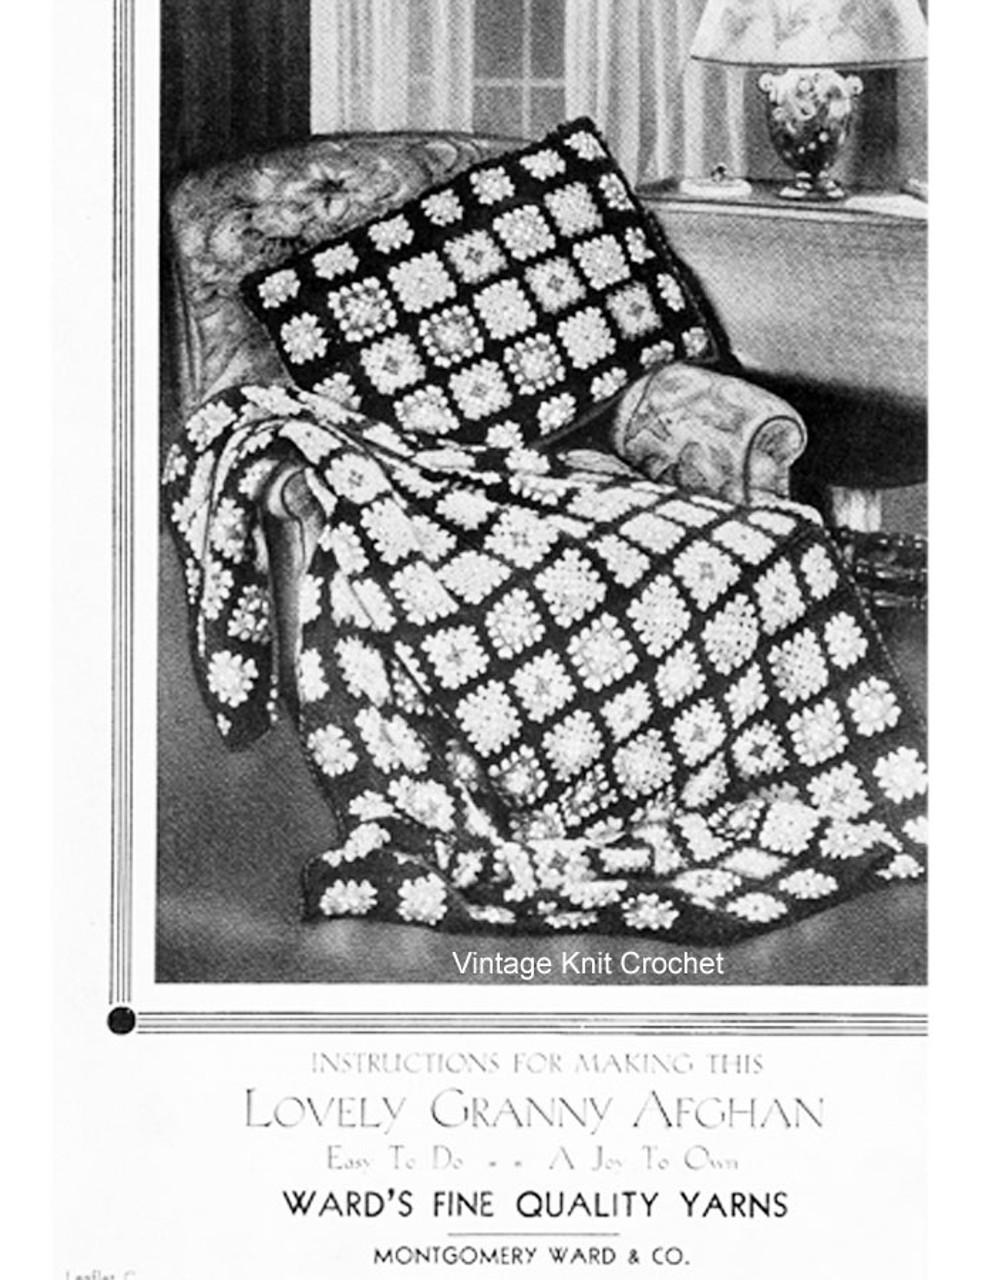 Vintage Crochet Granny Afghan Pattern, Montgomery Wards Leaflet C